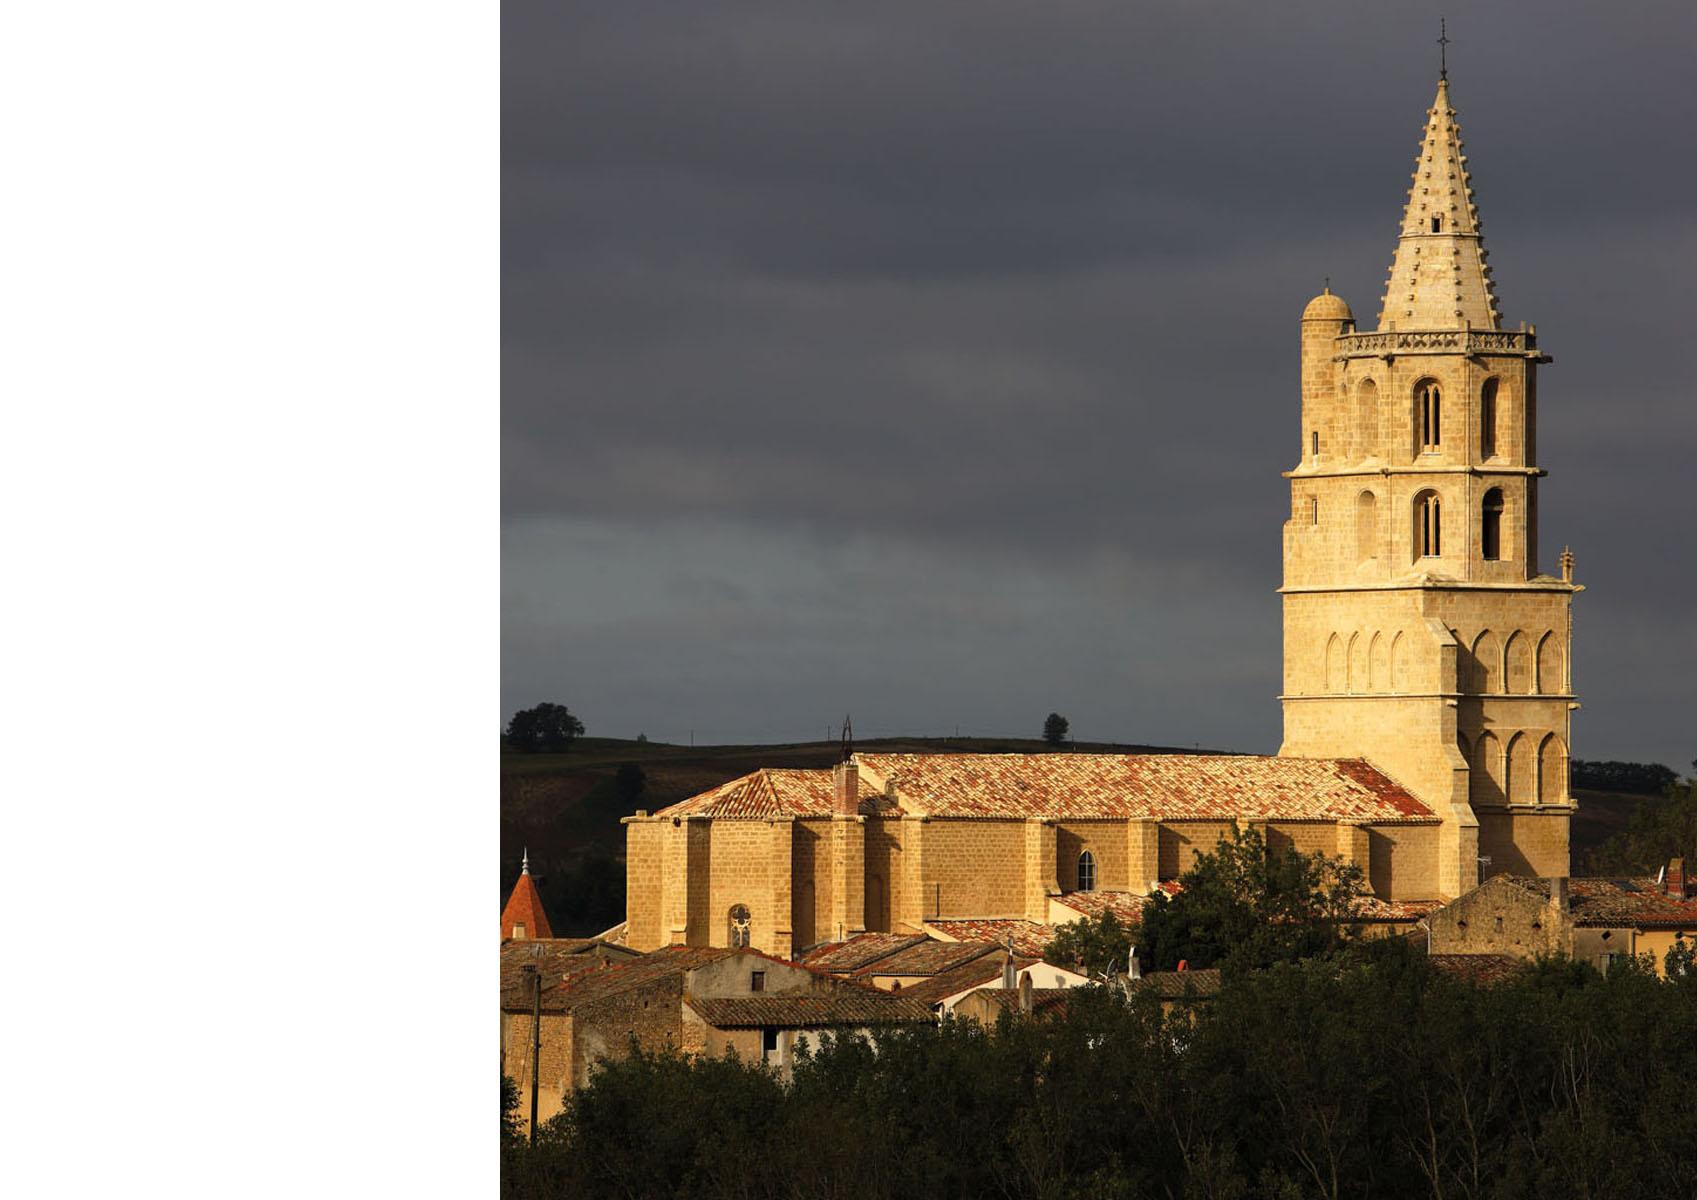 Avignonet de Lauragais-ensemble 1